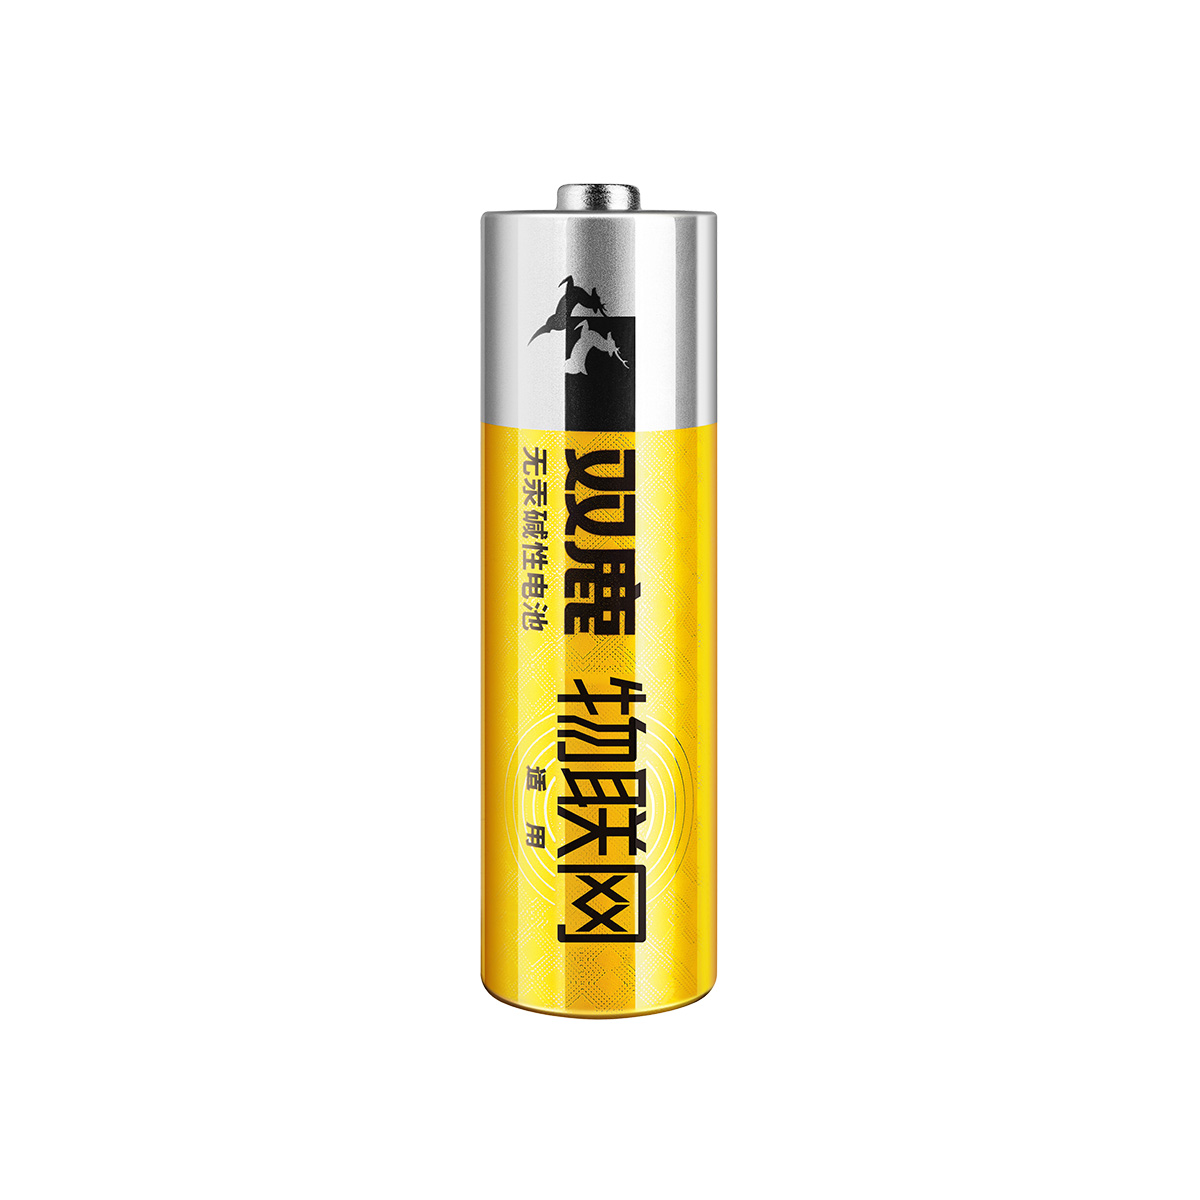 雙鹿物聯網電池